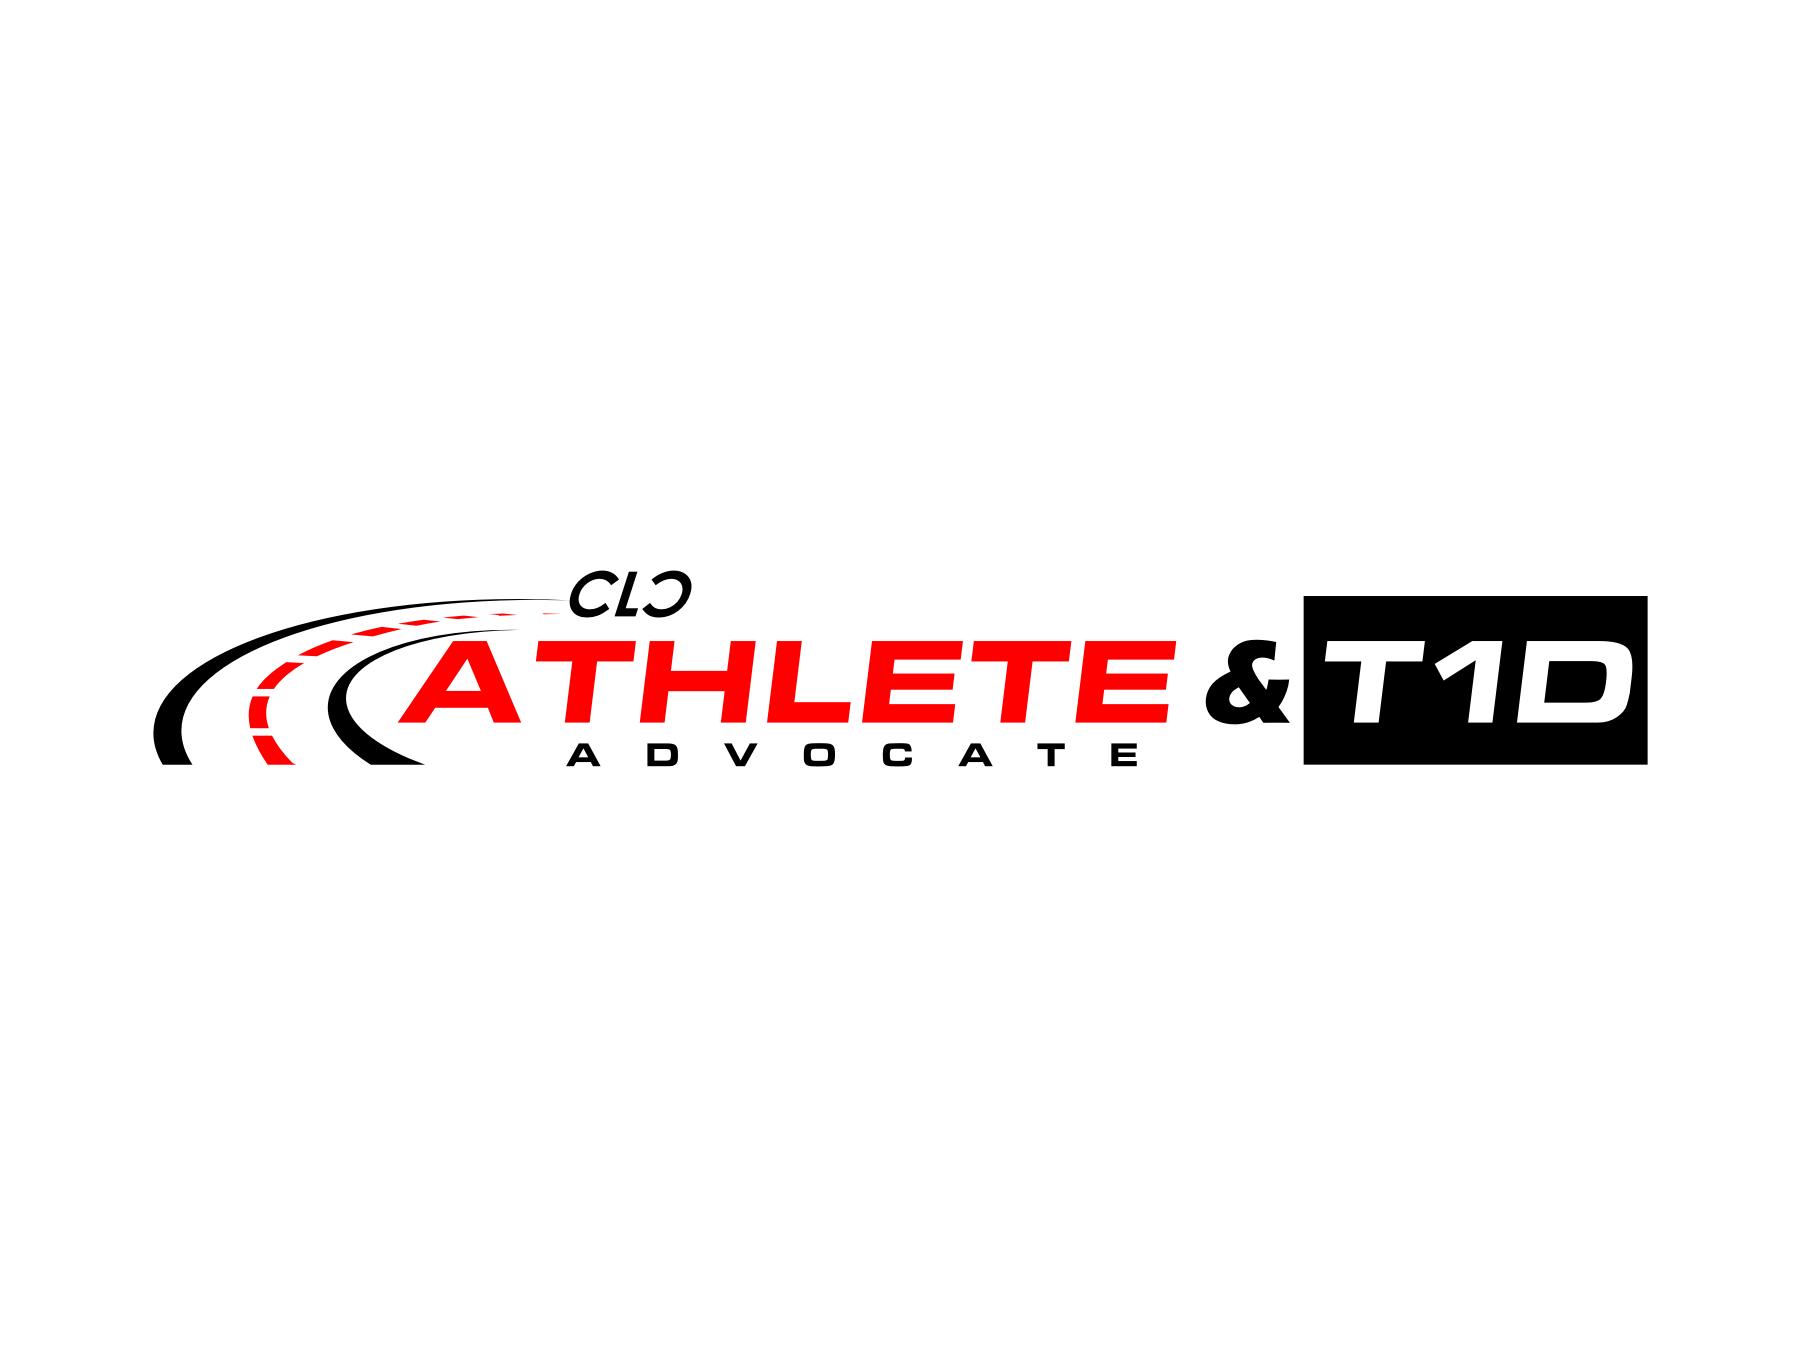 Chris Clark: Athlete & T1D Advocate